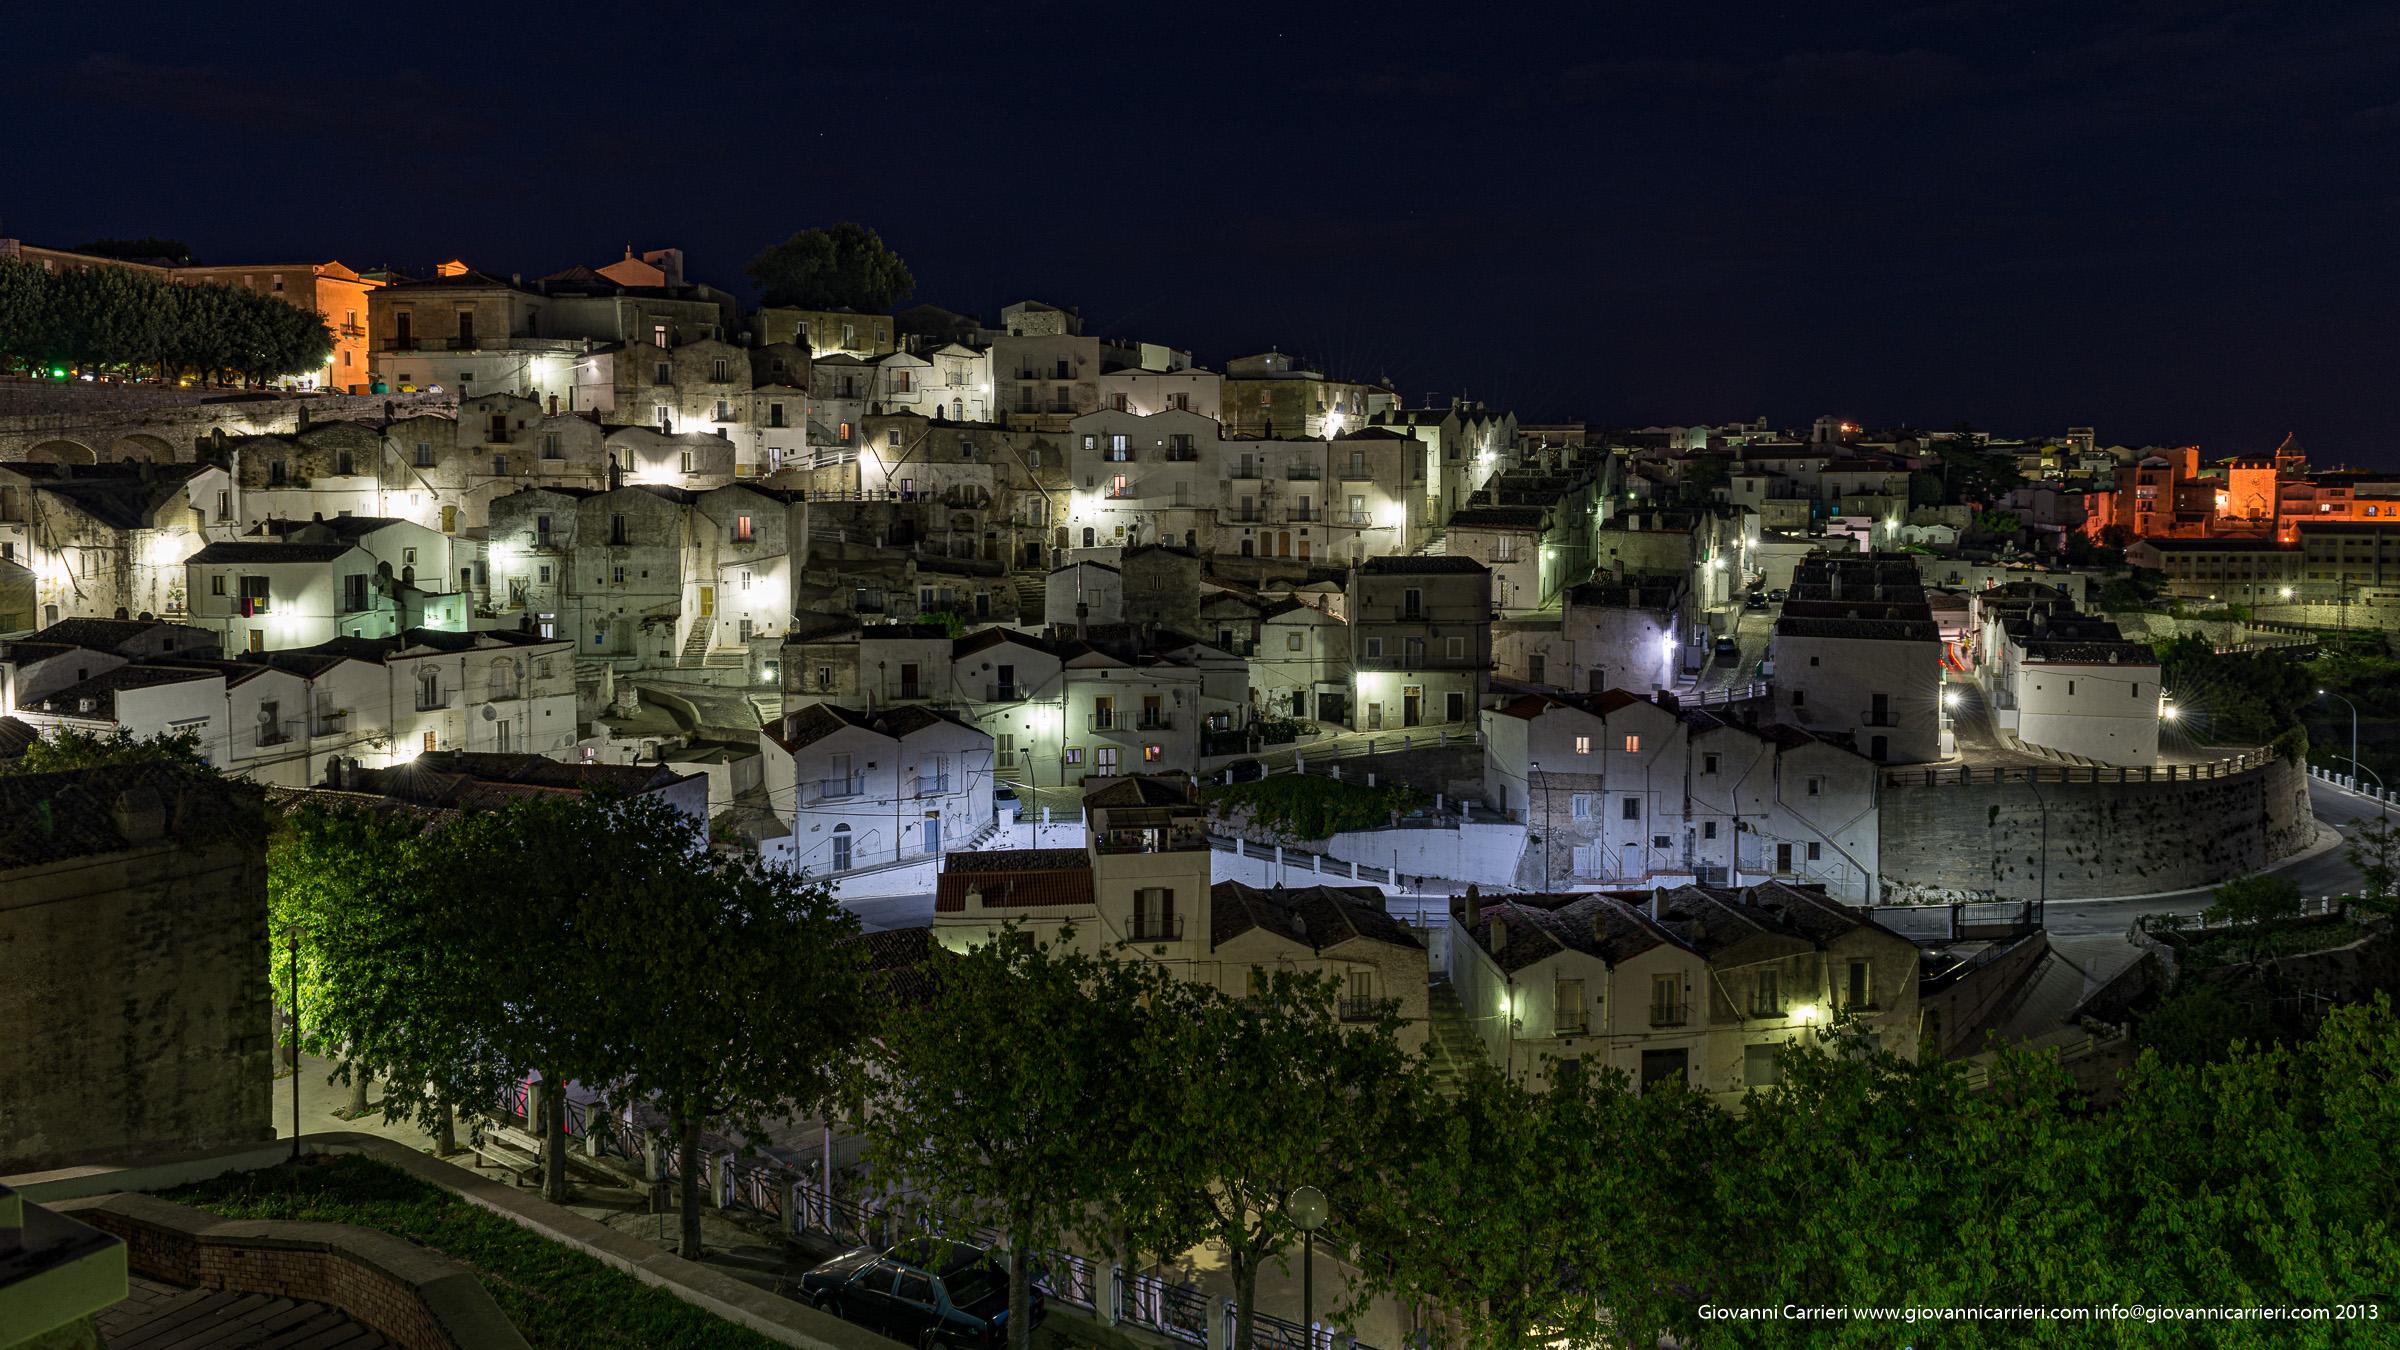 Paesaggio notturno di Monte Sant'Angelo